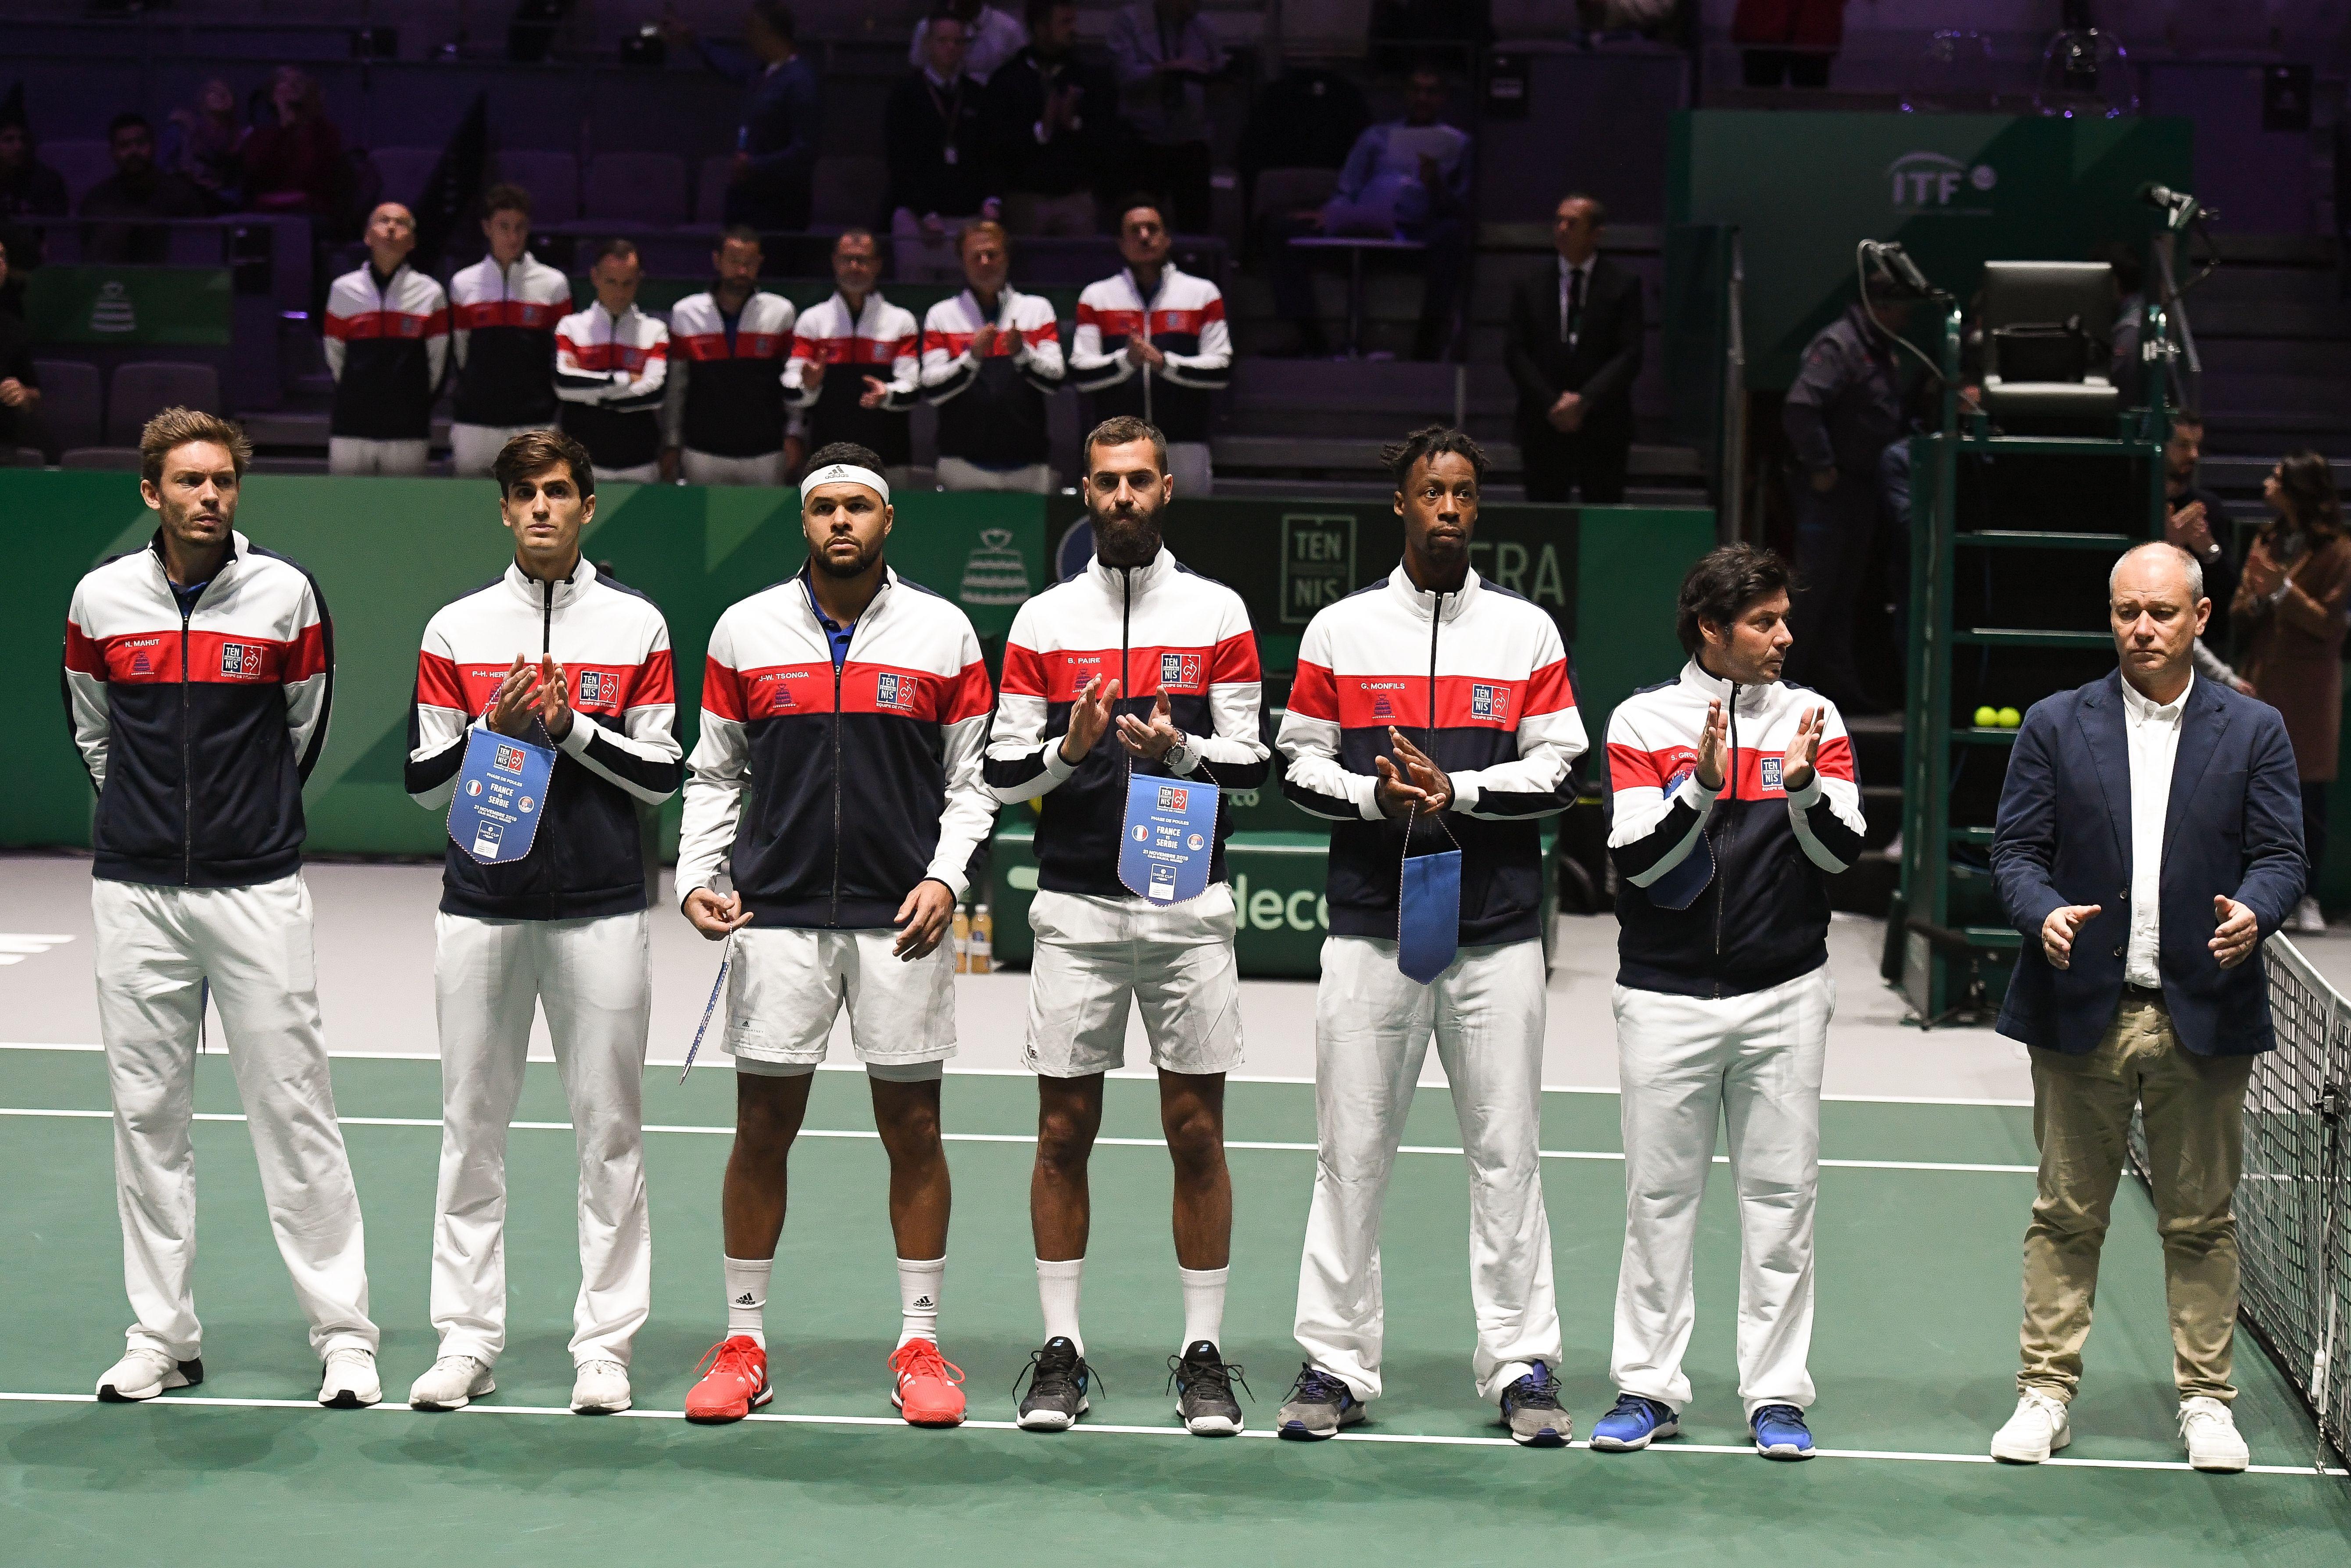 Tennis - Coupe Davis - «Tradition piétinée» pour Mahut, «format génial» pour Paire, le bilan des Bleus sur la nouvelle Coupe Davis